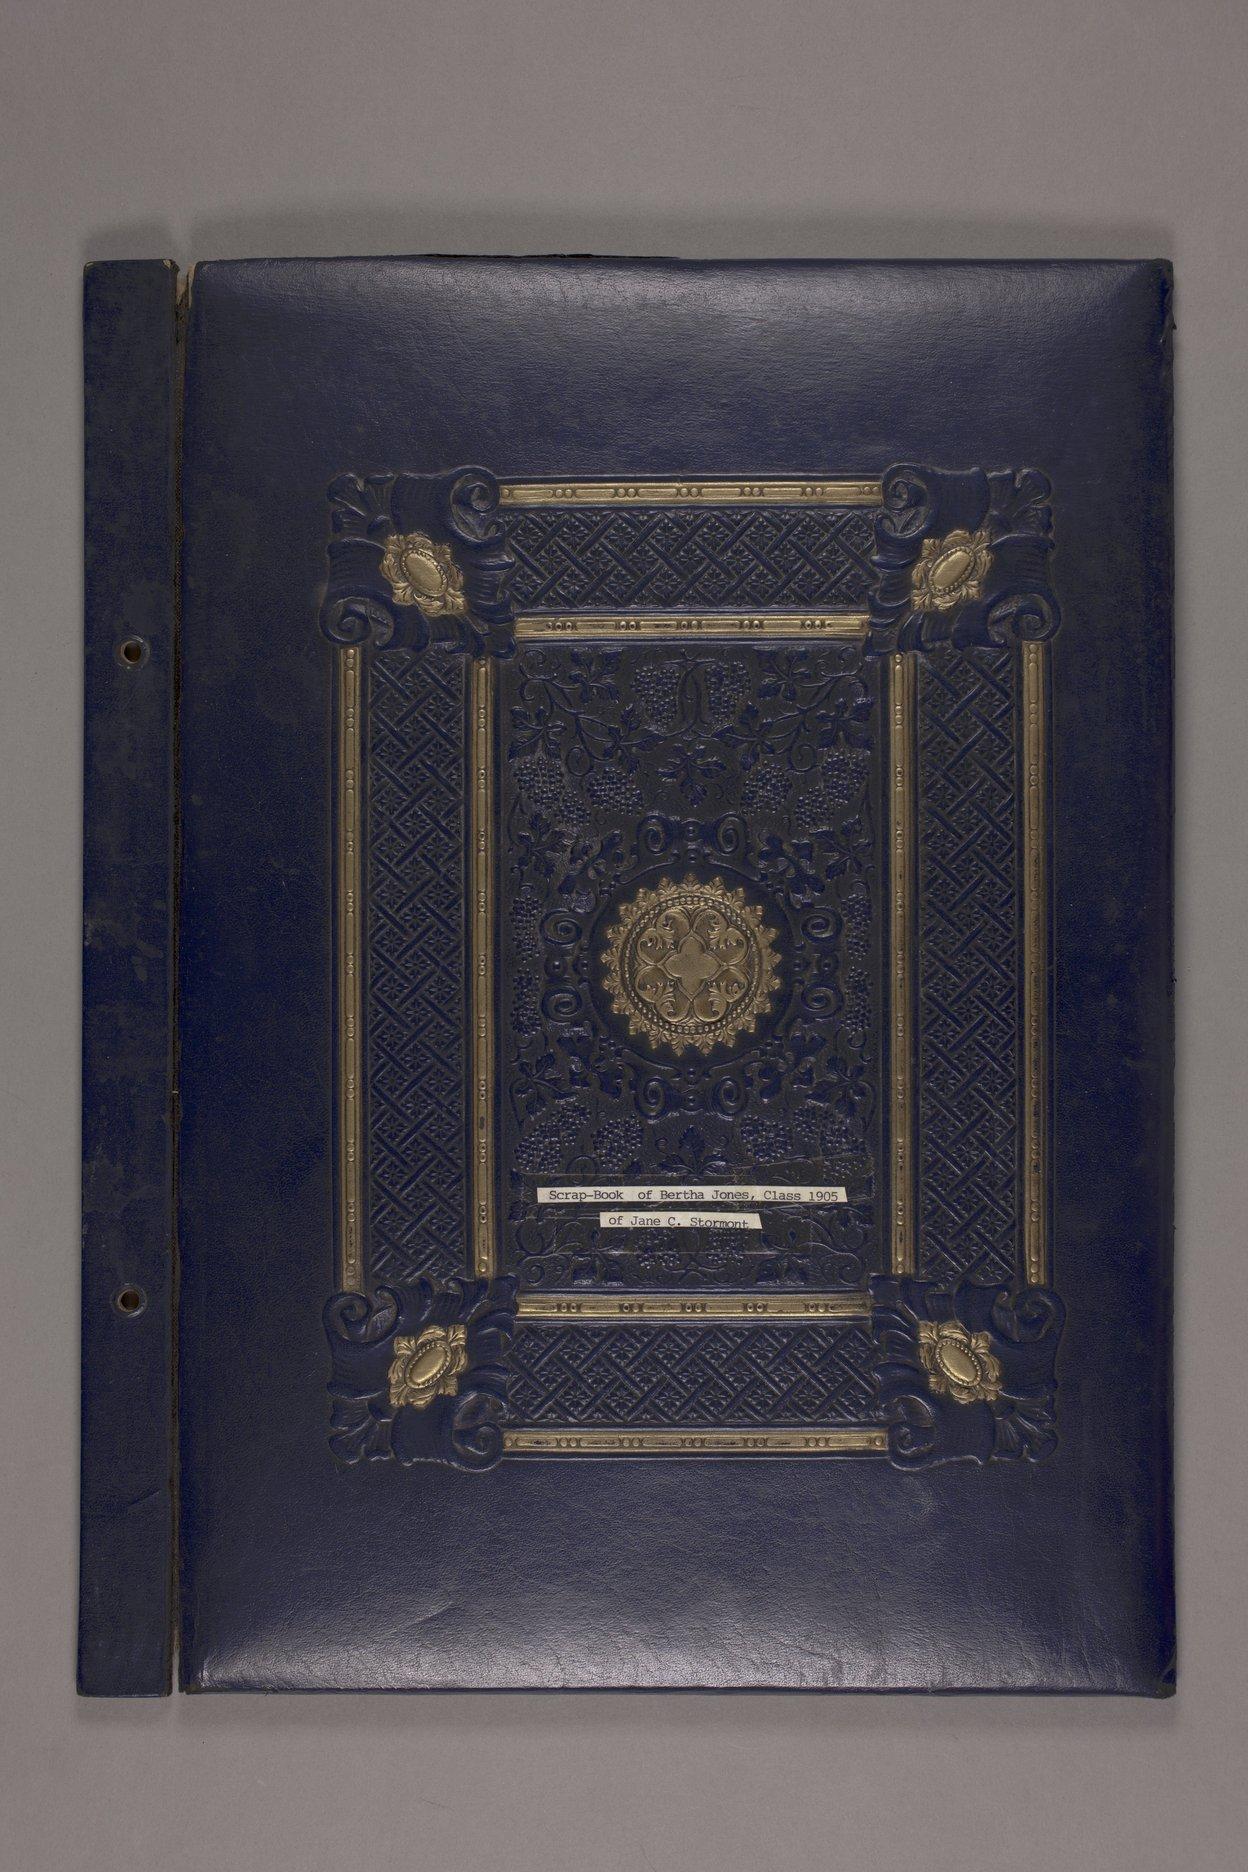 Bertha Jones scrapbook - 1 Front cover